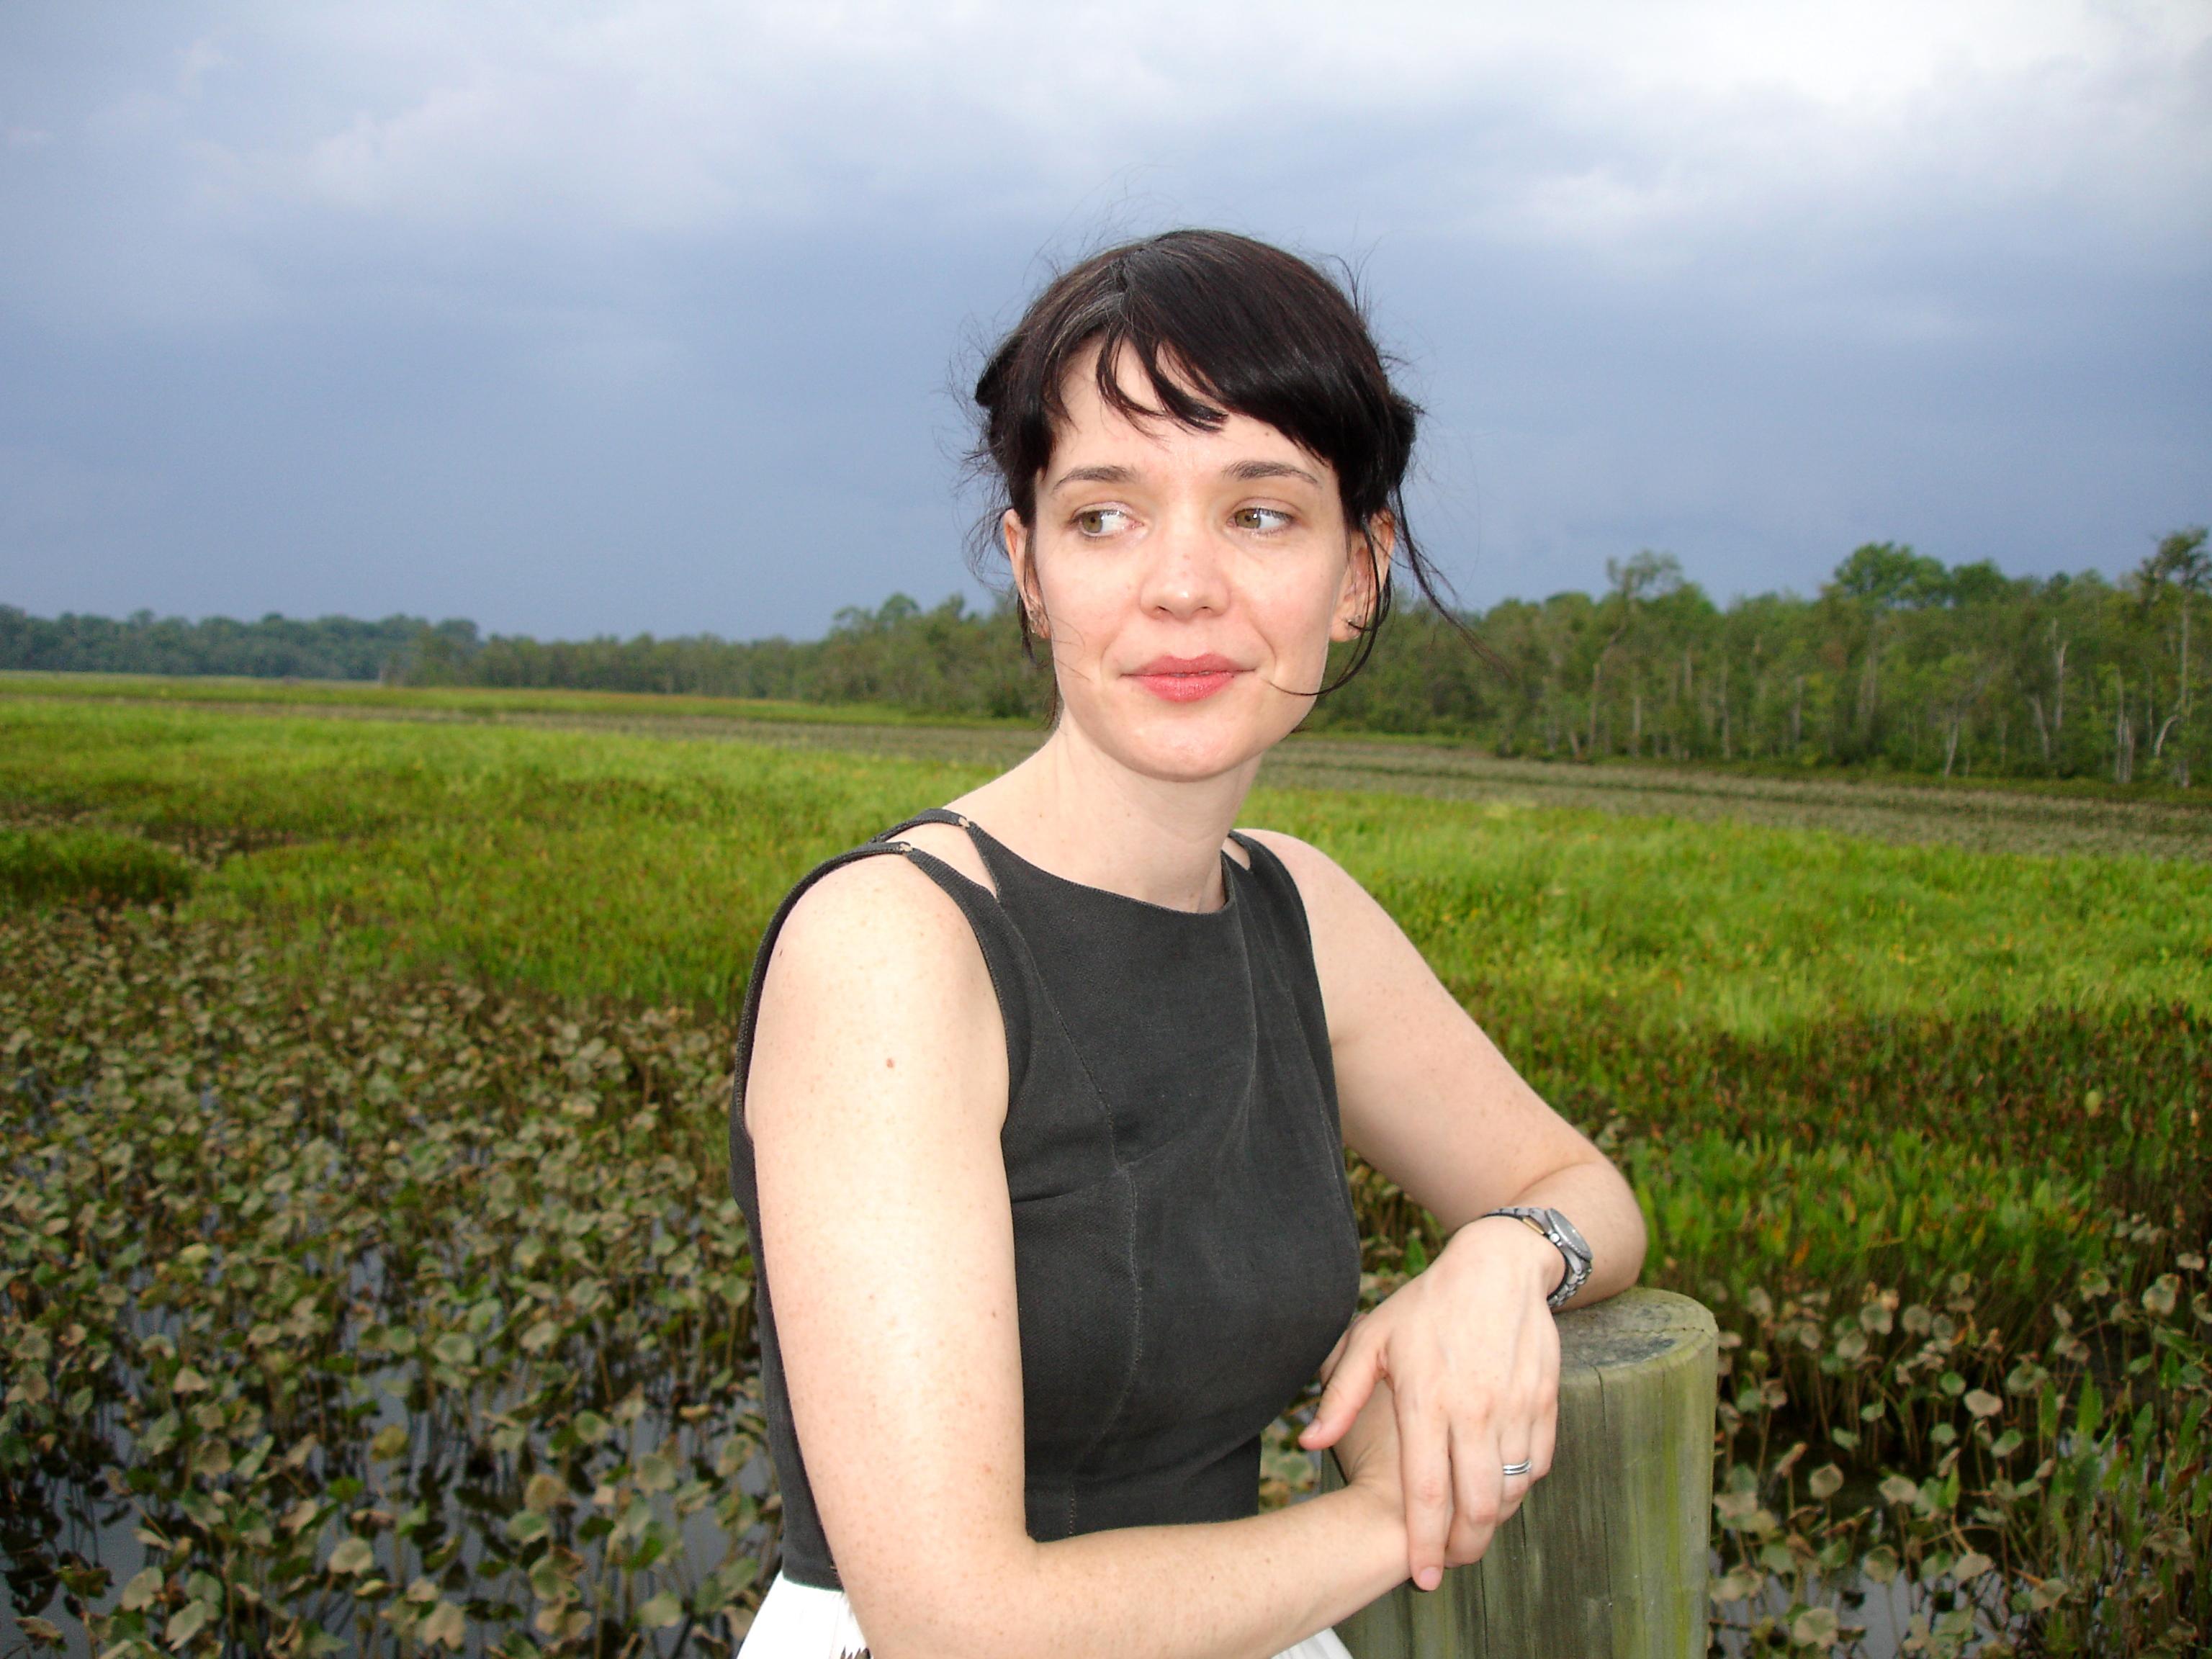 Писательница Белль Боггз: «Бездетные женщины - не злодейки»